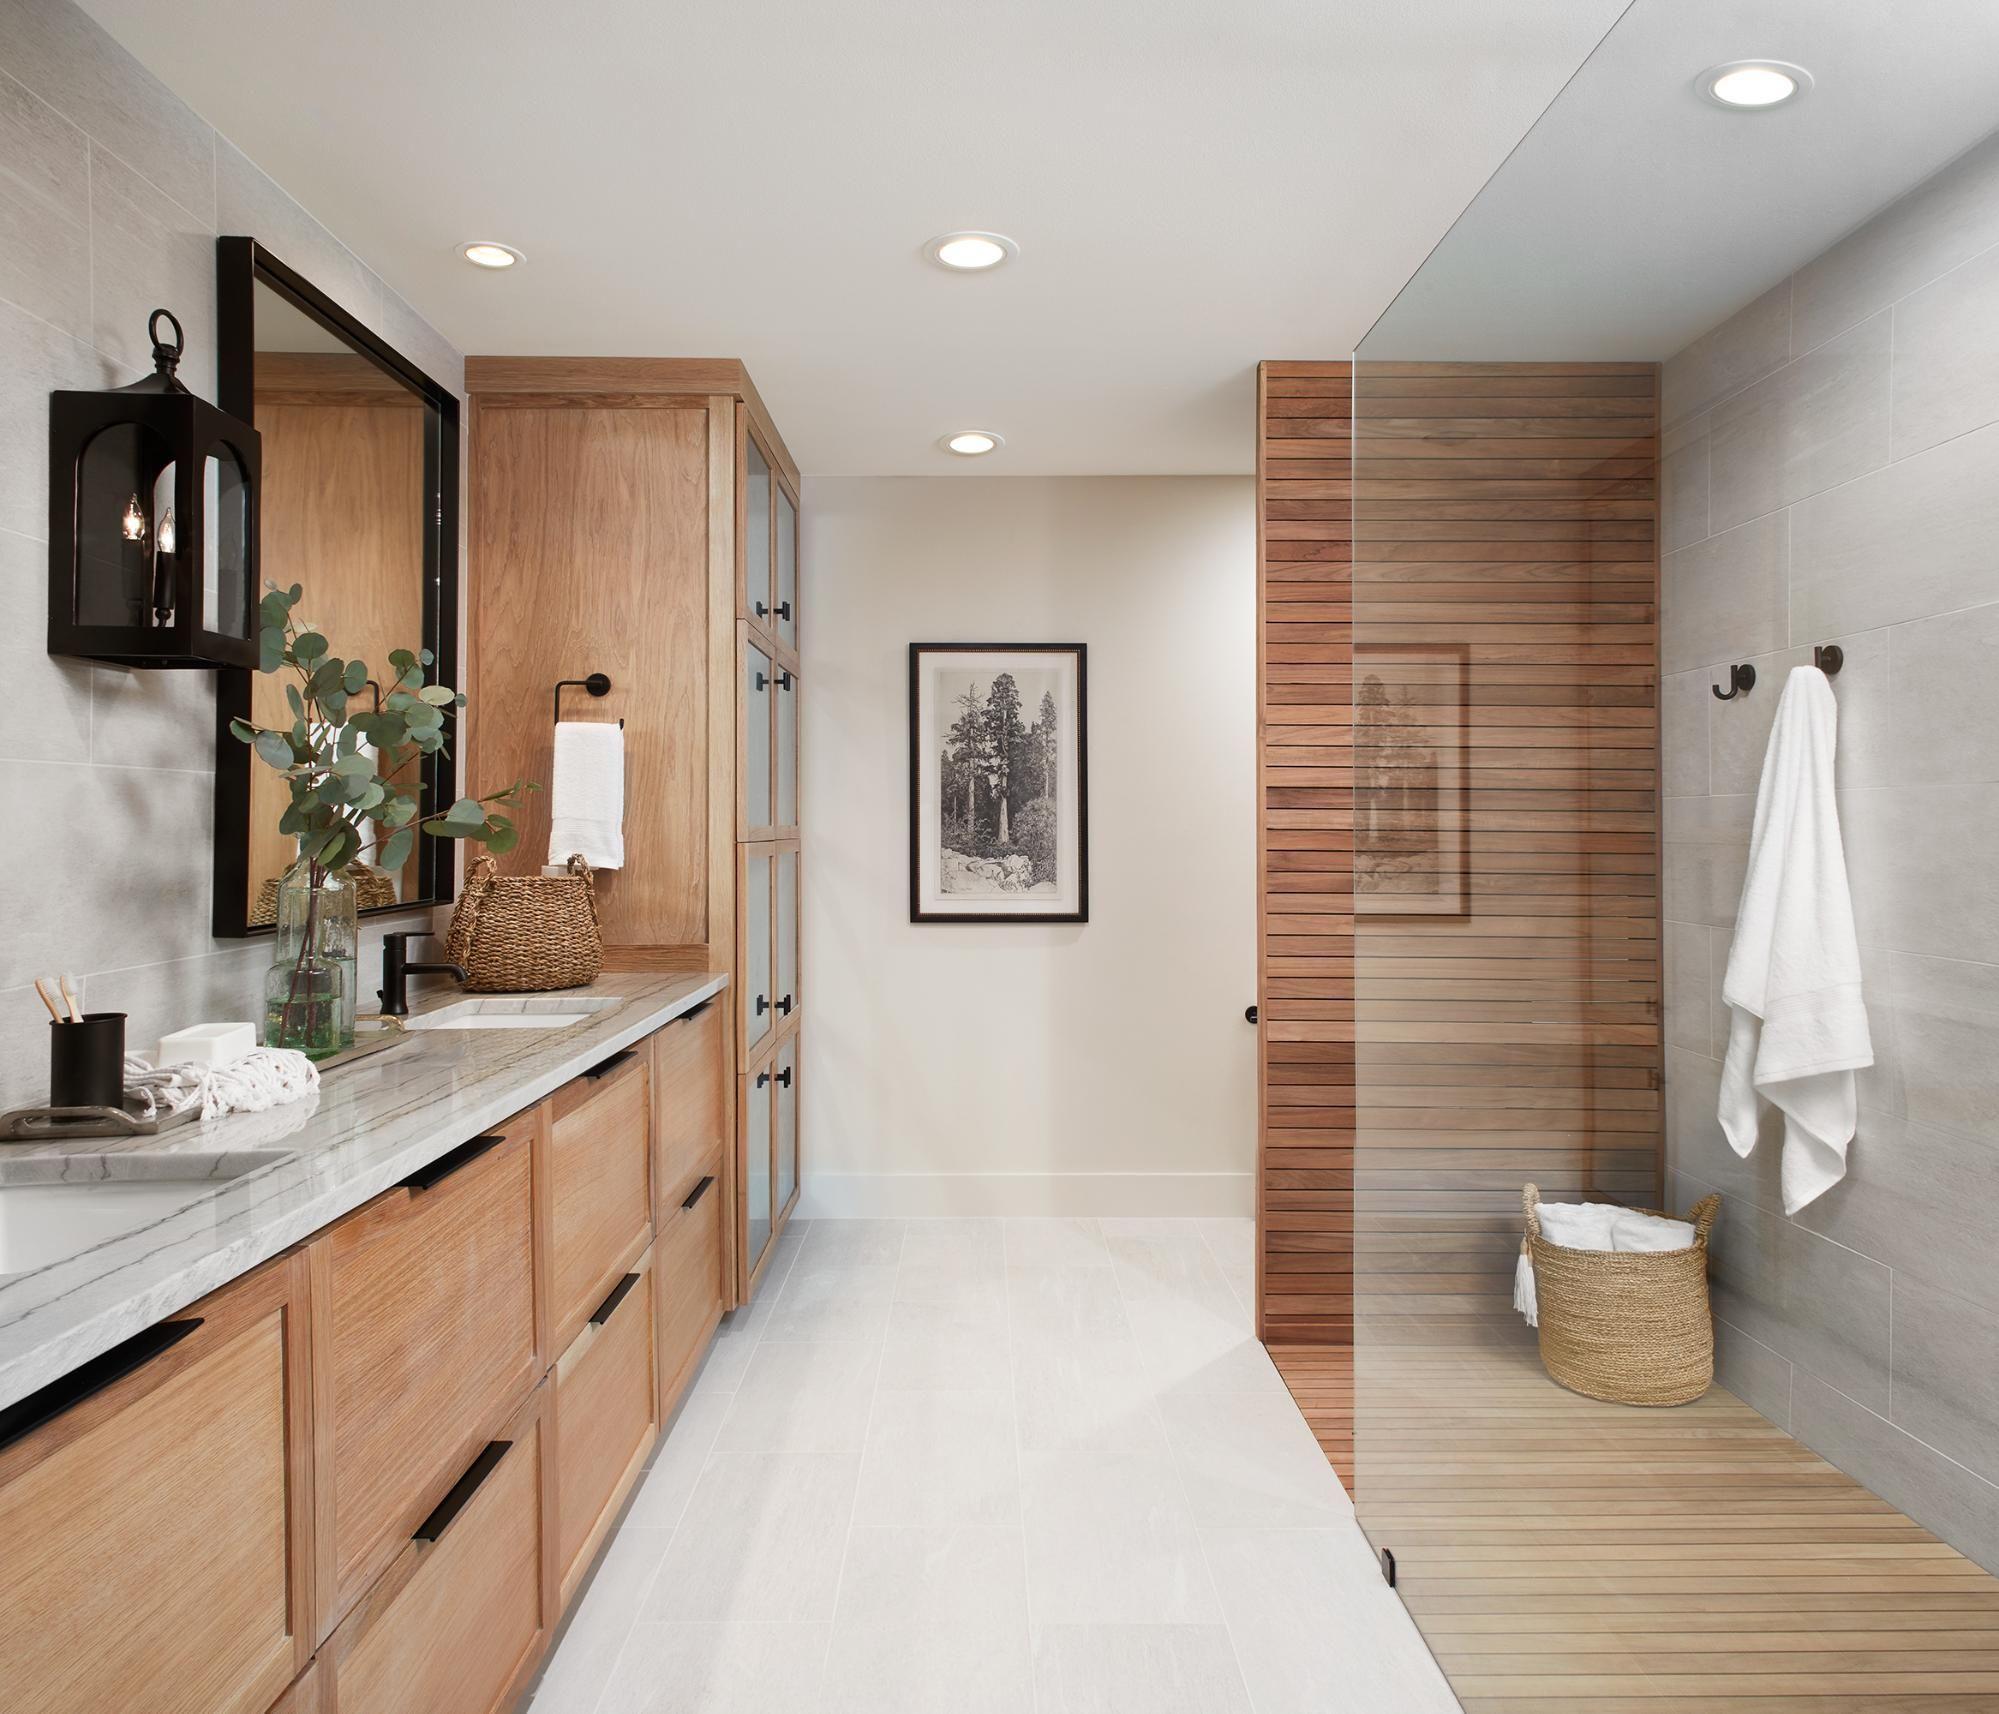 Badezimmer dekor klein episode  season   bath  pinterest  badezimmer haus und baden